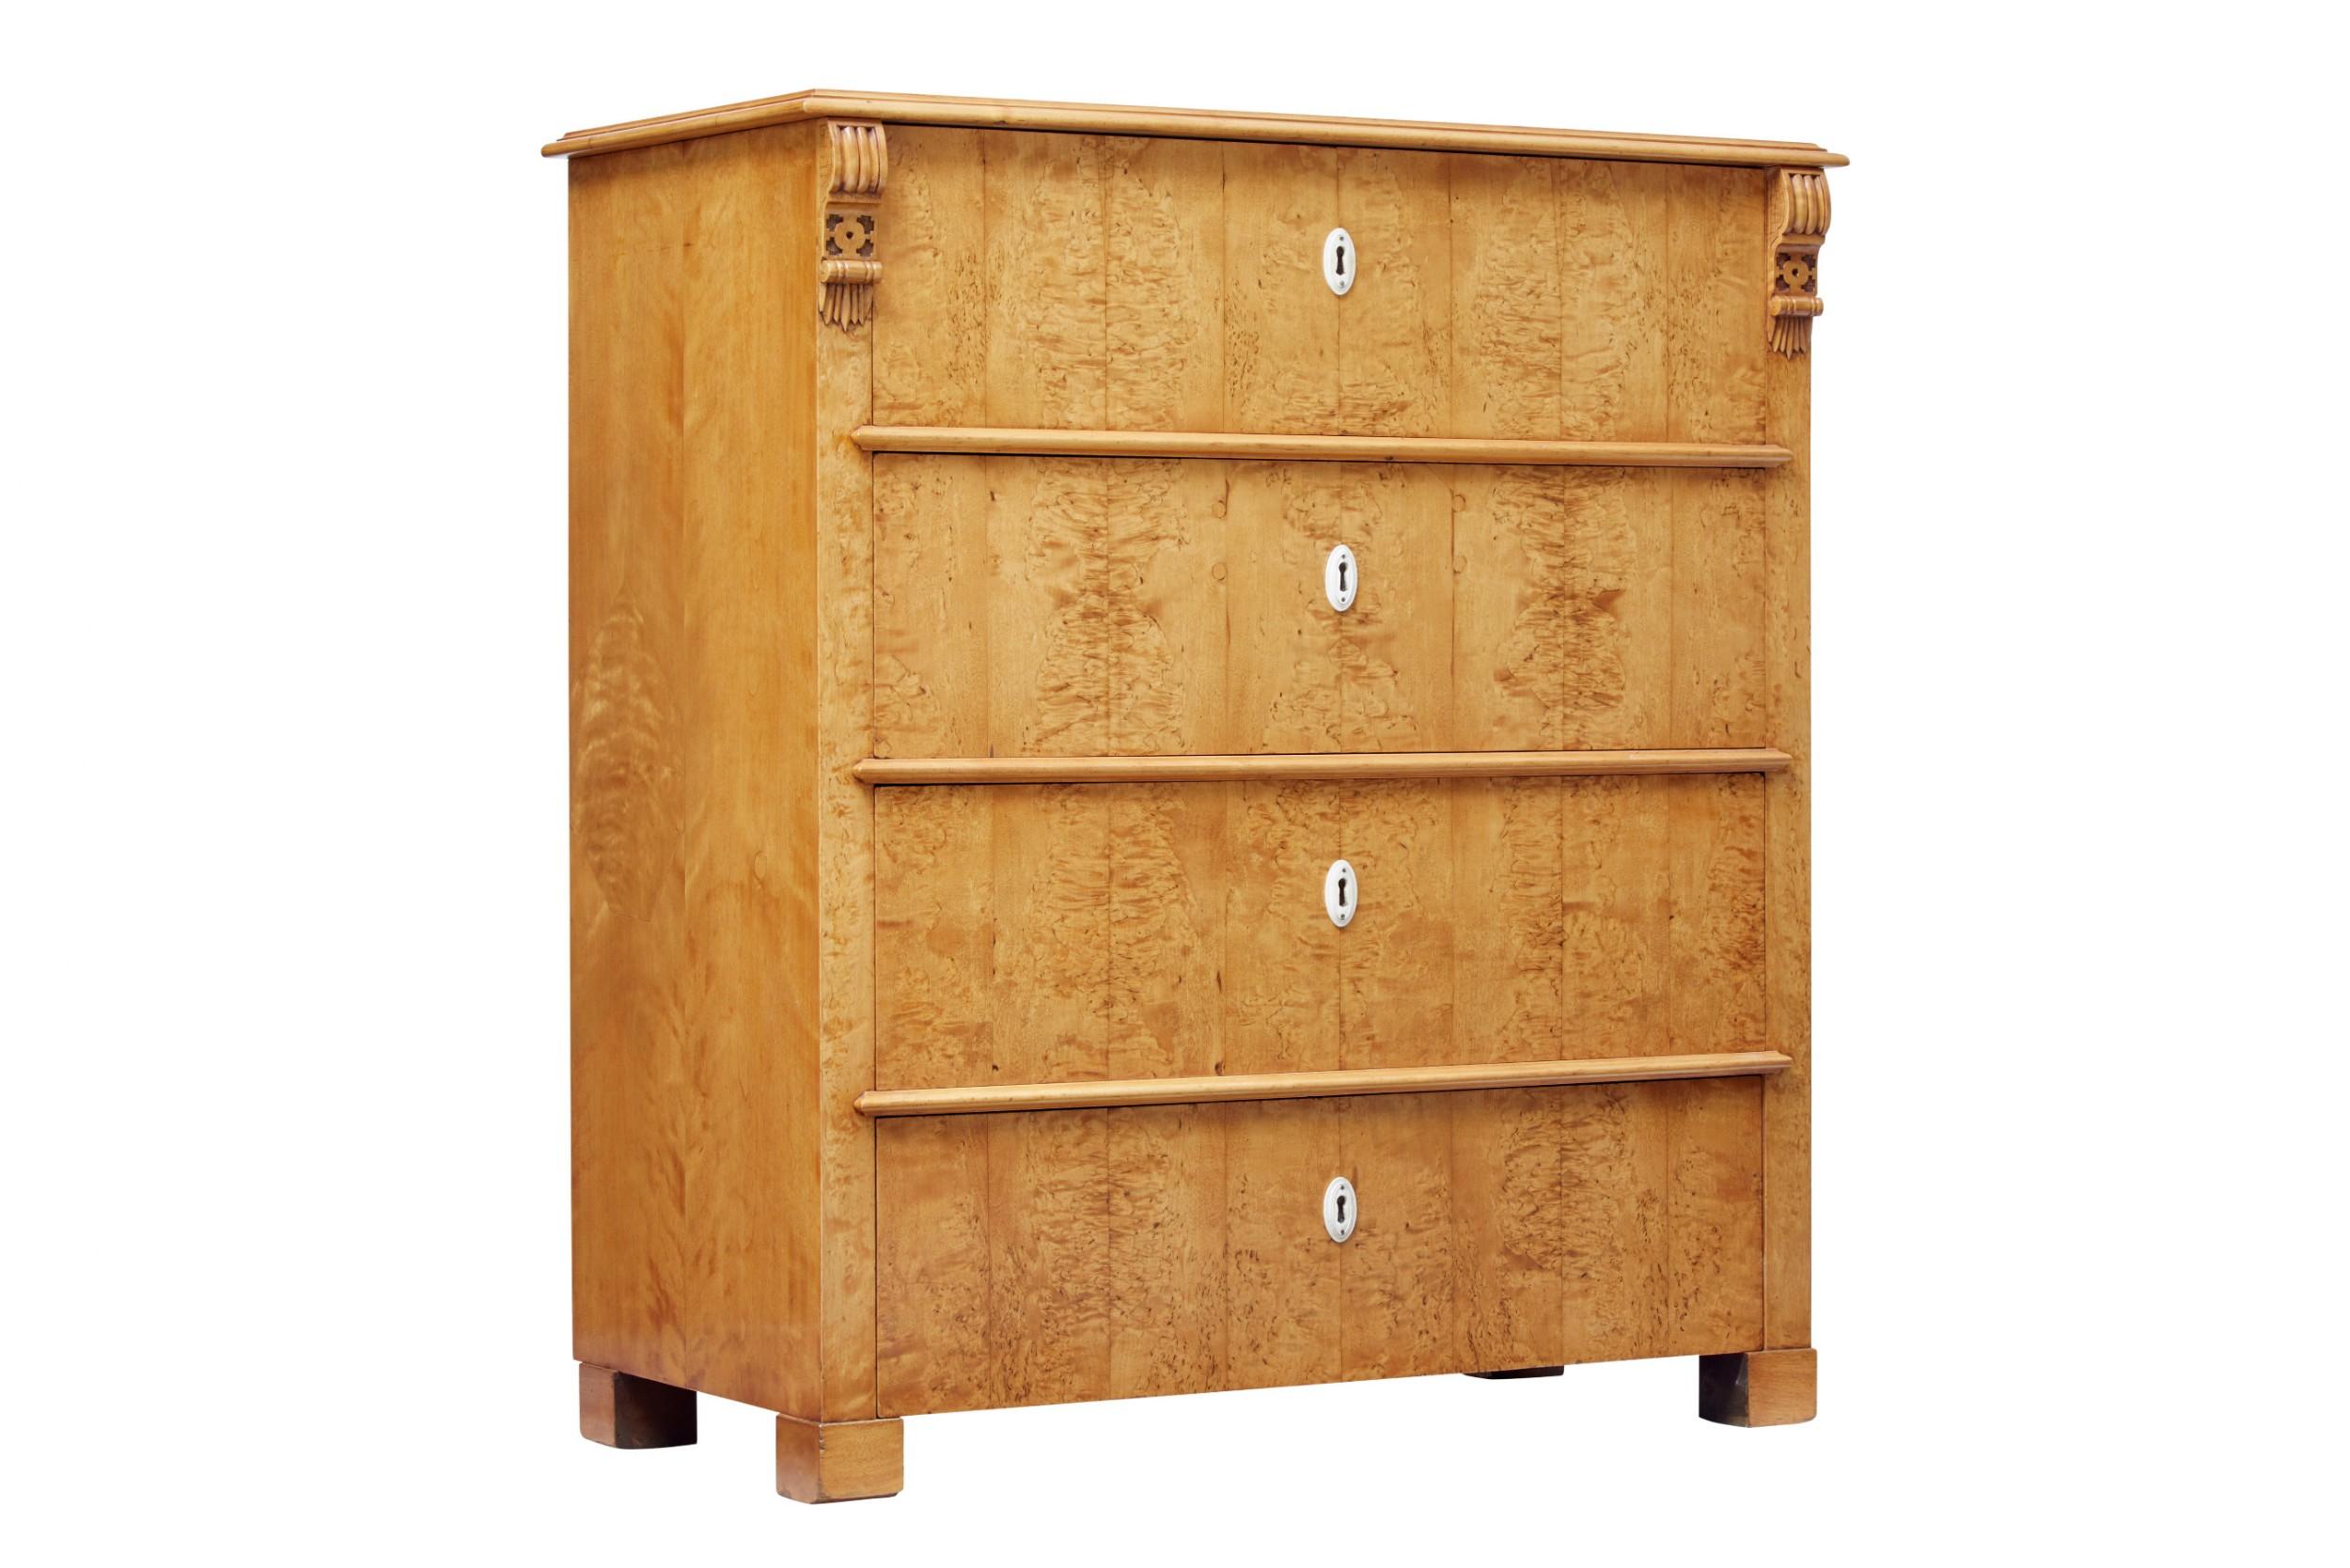 19th century scandinavian birch root chest of drawers